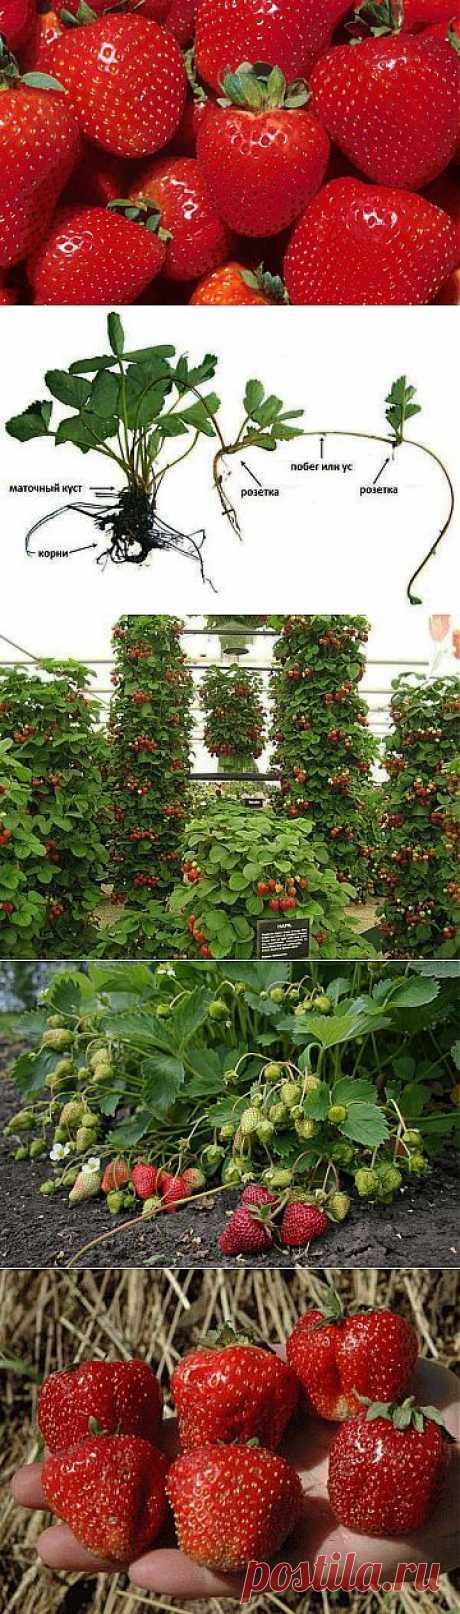 Клубника или земляника - посадка, выращивание и уход. Сорта клубники (земляники садовой).